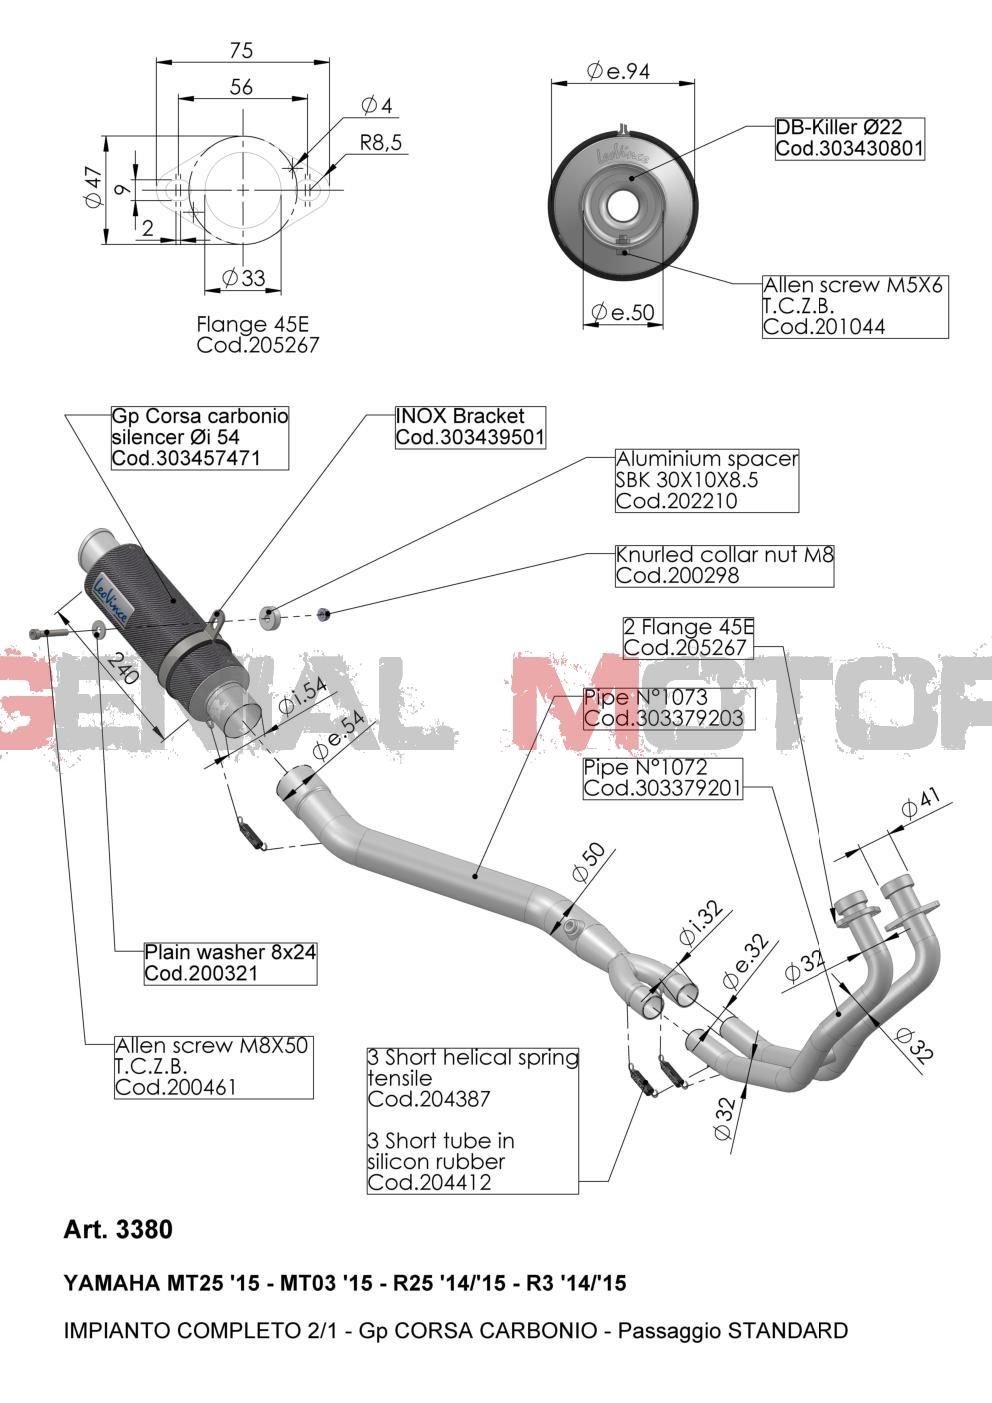 3380 Pot D'Echappement Complete Leovince Gp Corsa Carbone Yamaha Yzf R25 2014 > 2021